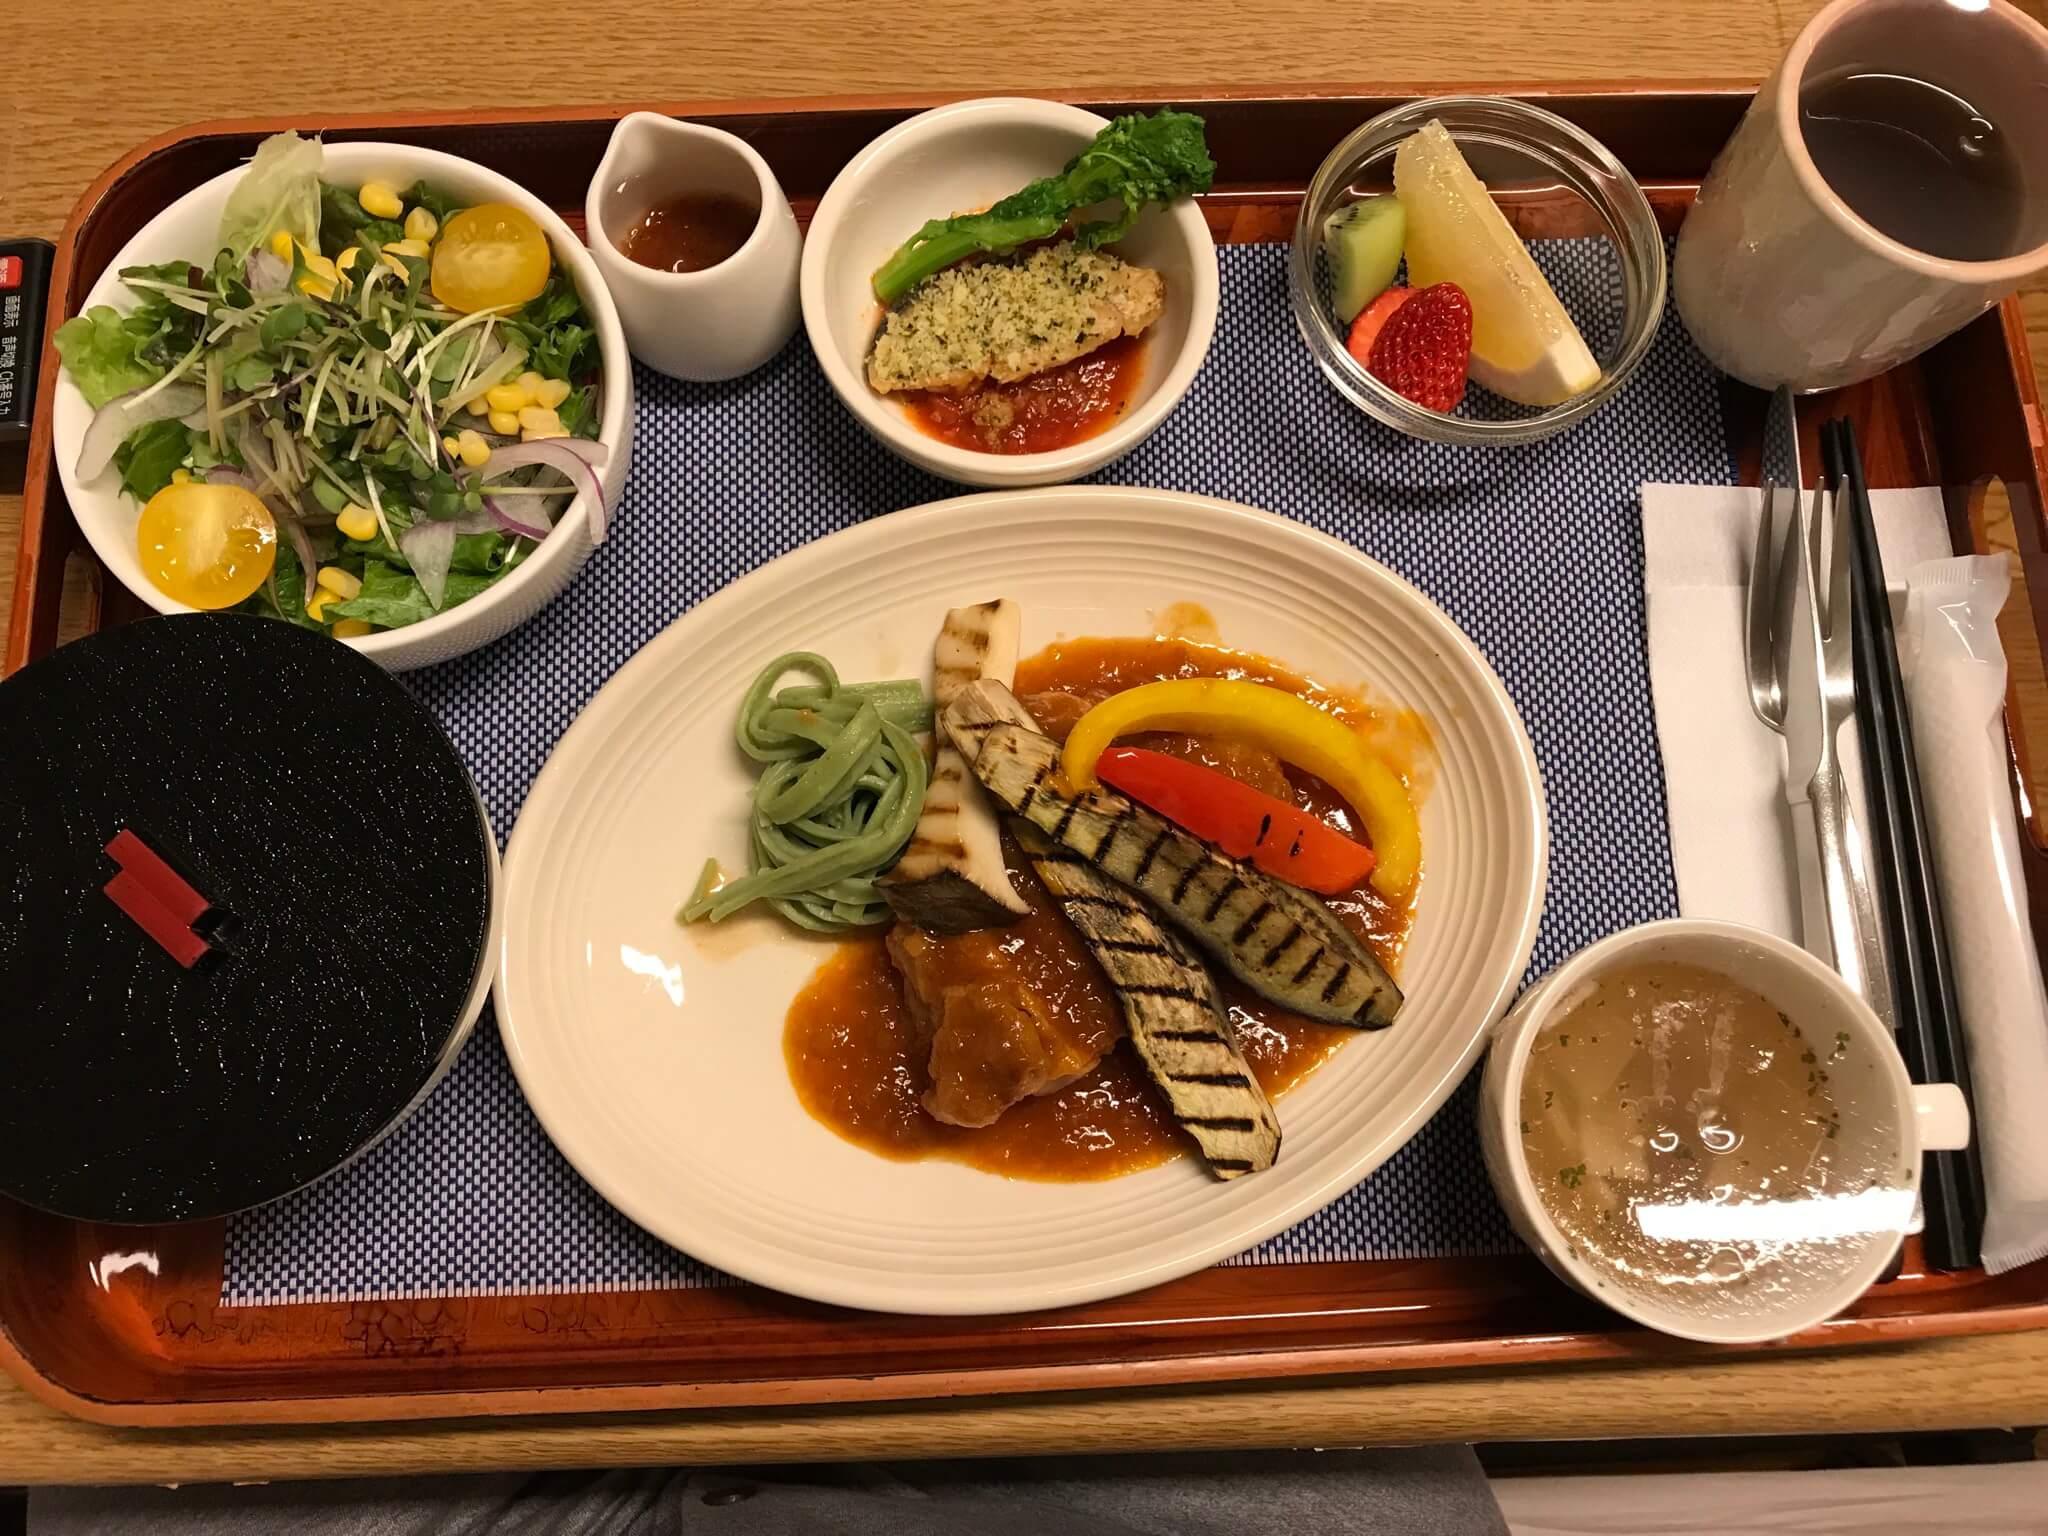 Japan hospital food 4 (1)